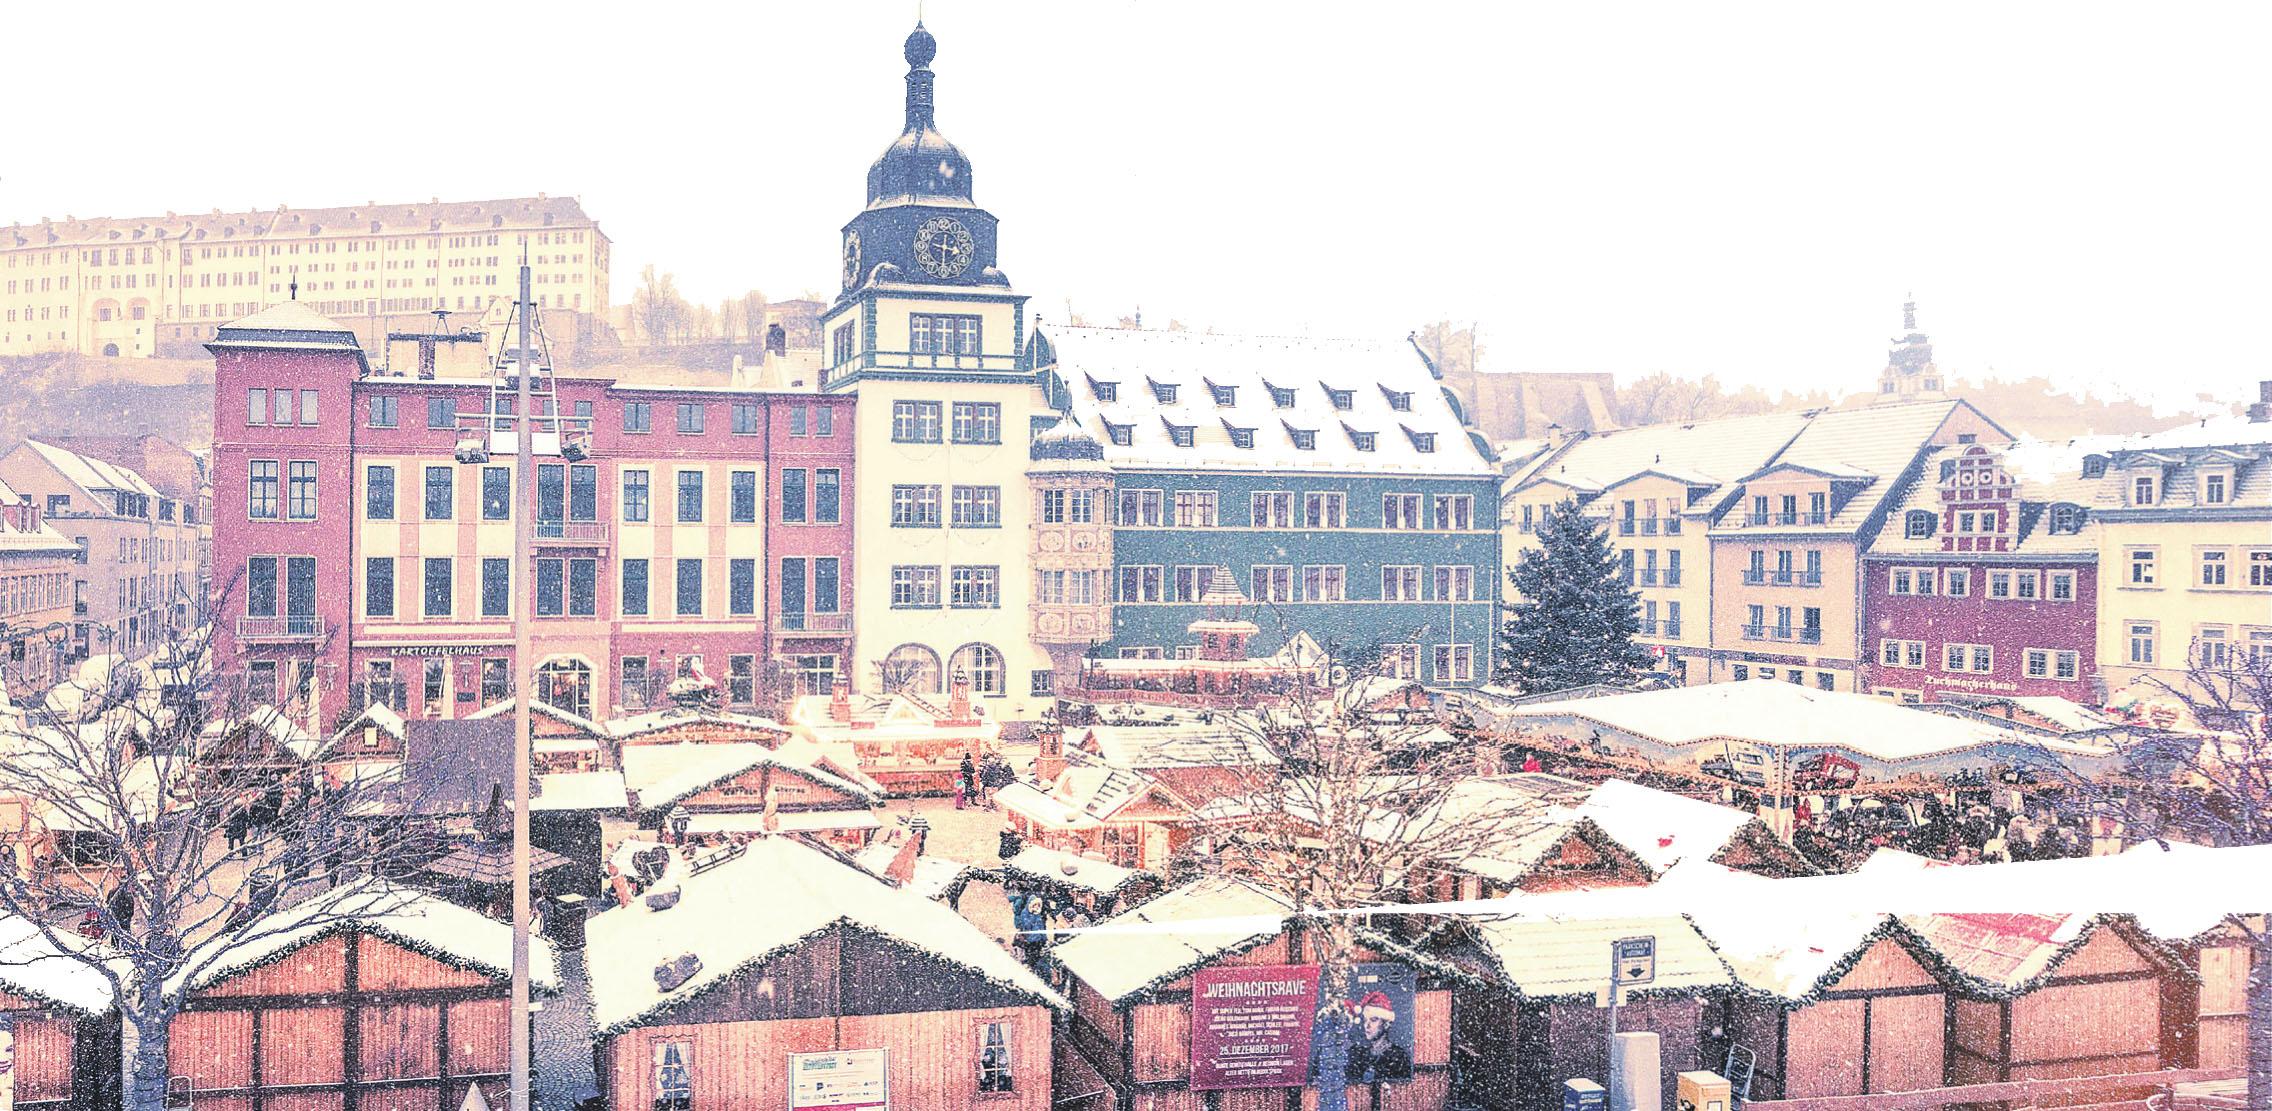 Historischer Adventszauber auf der Wartburg Image 3